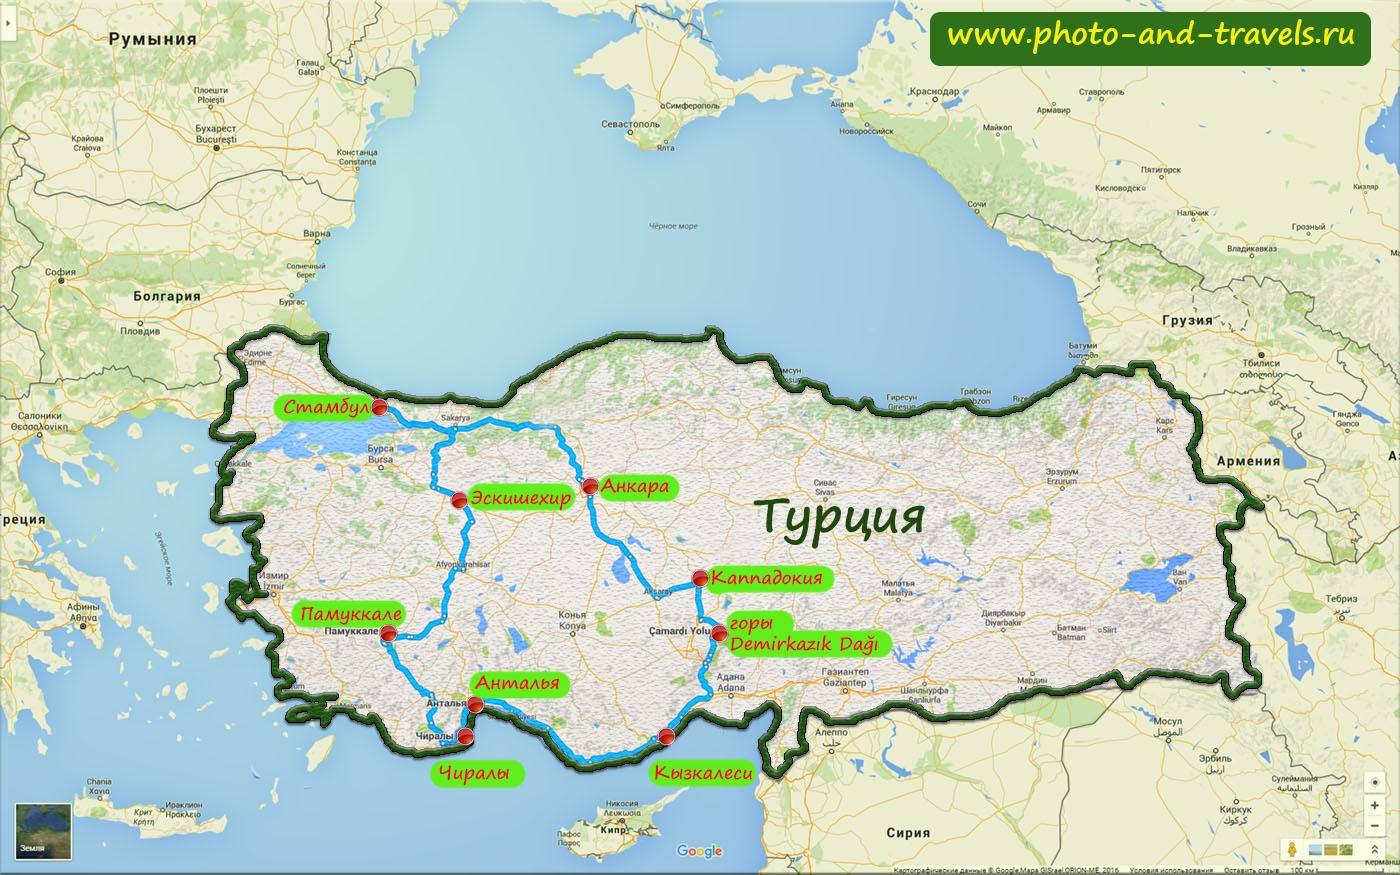 12. Карта со схемой маршрута самостоятельного путешествия по Турции в мае и июне 2016 года. Какие достопримечательности можно успеть посмотреть за 2 недели.